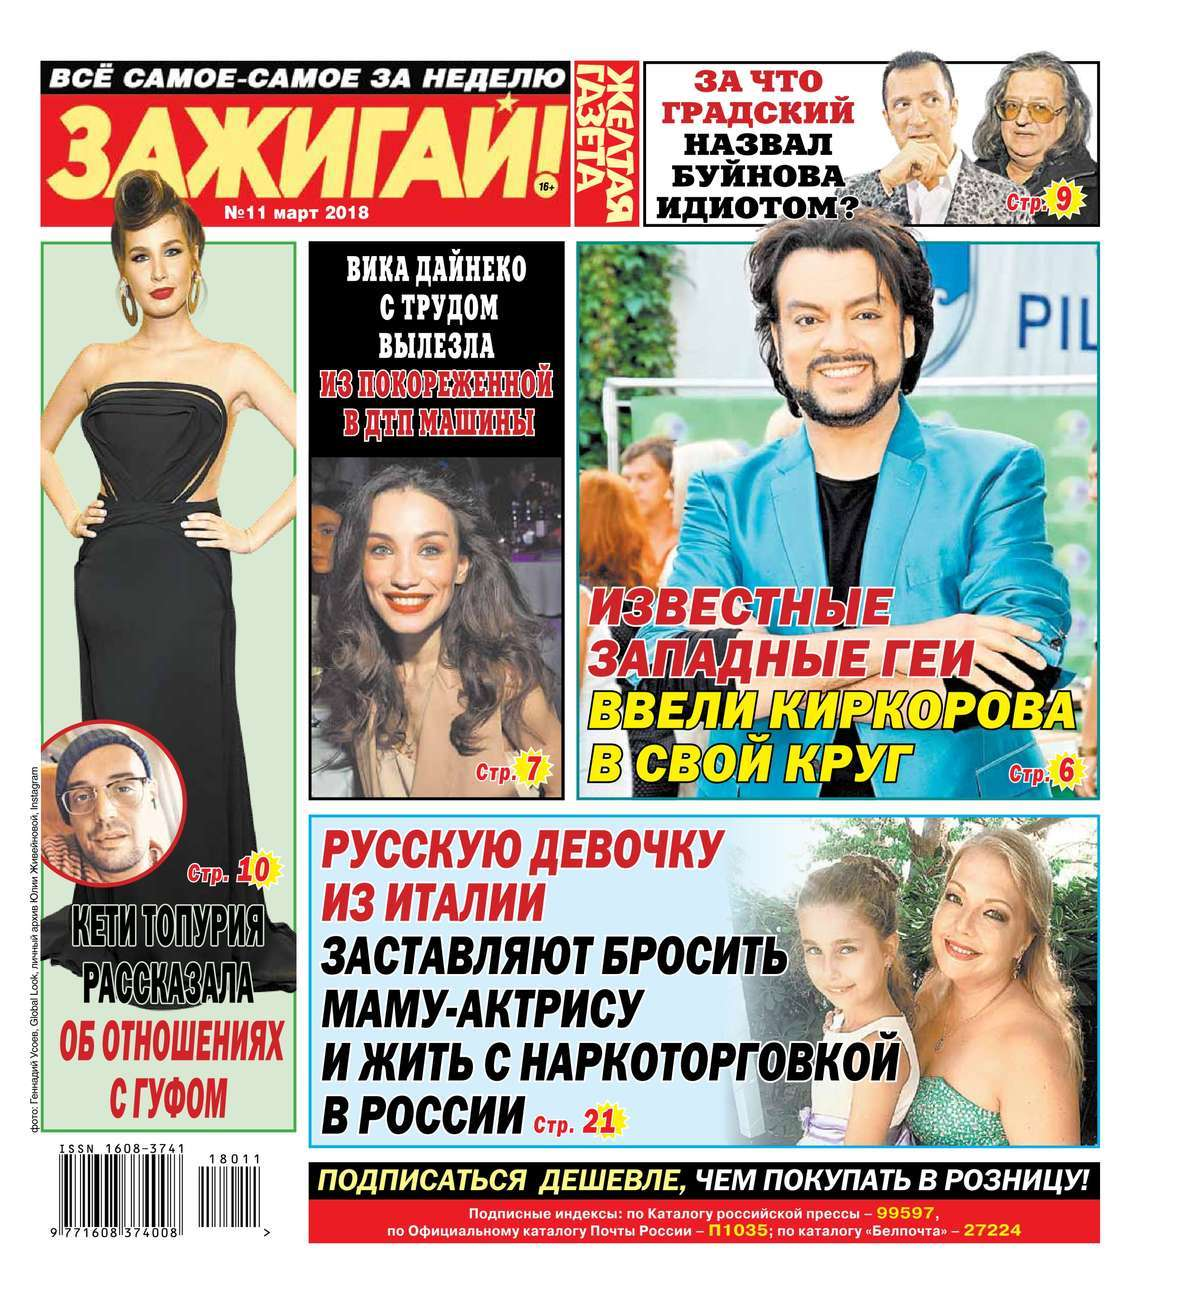 Редакция газеты Желтая газета. Желтая Газета. Зажигай! 11-2018